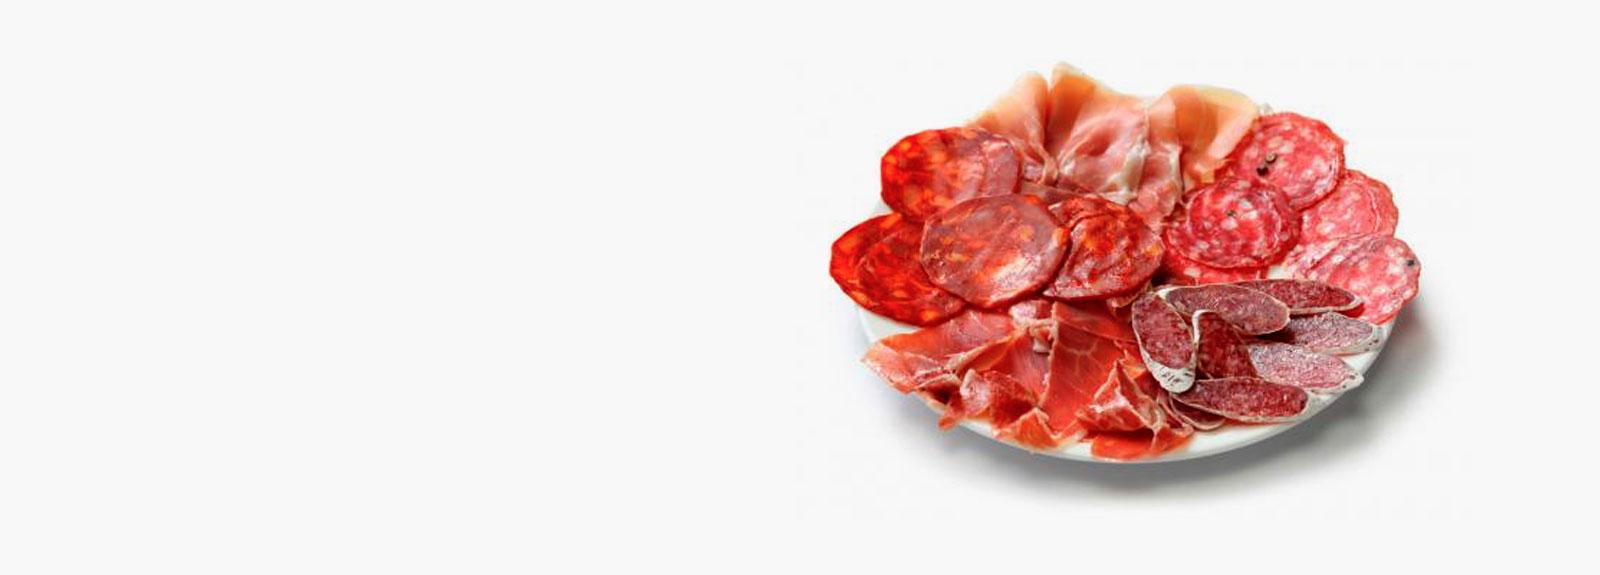 Gorfolí productos Gourmet embutidos ibéricos